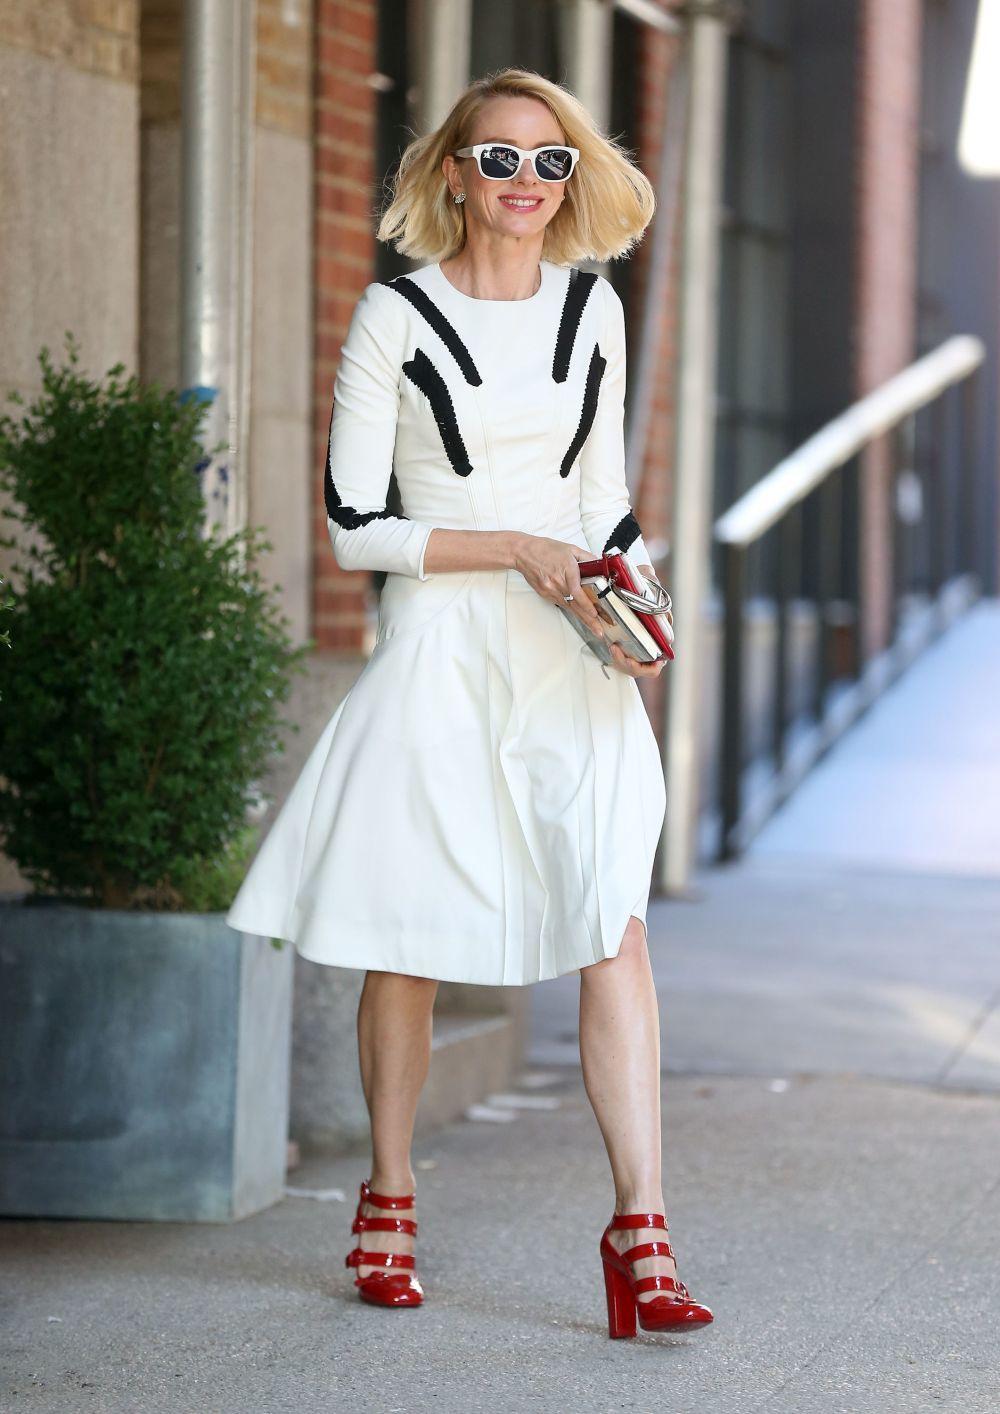 Naomi Watts protagoniza el look del día.